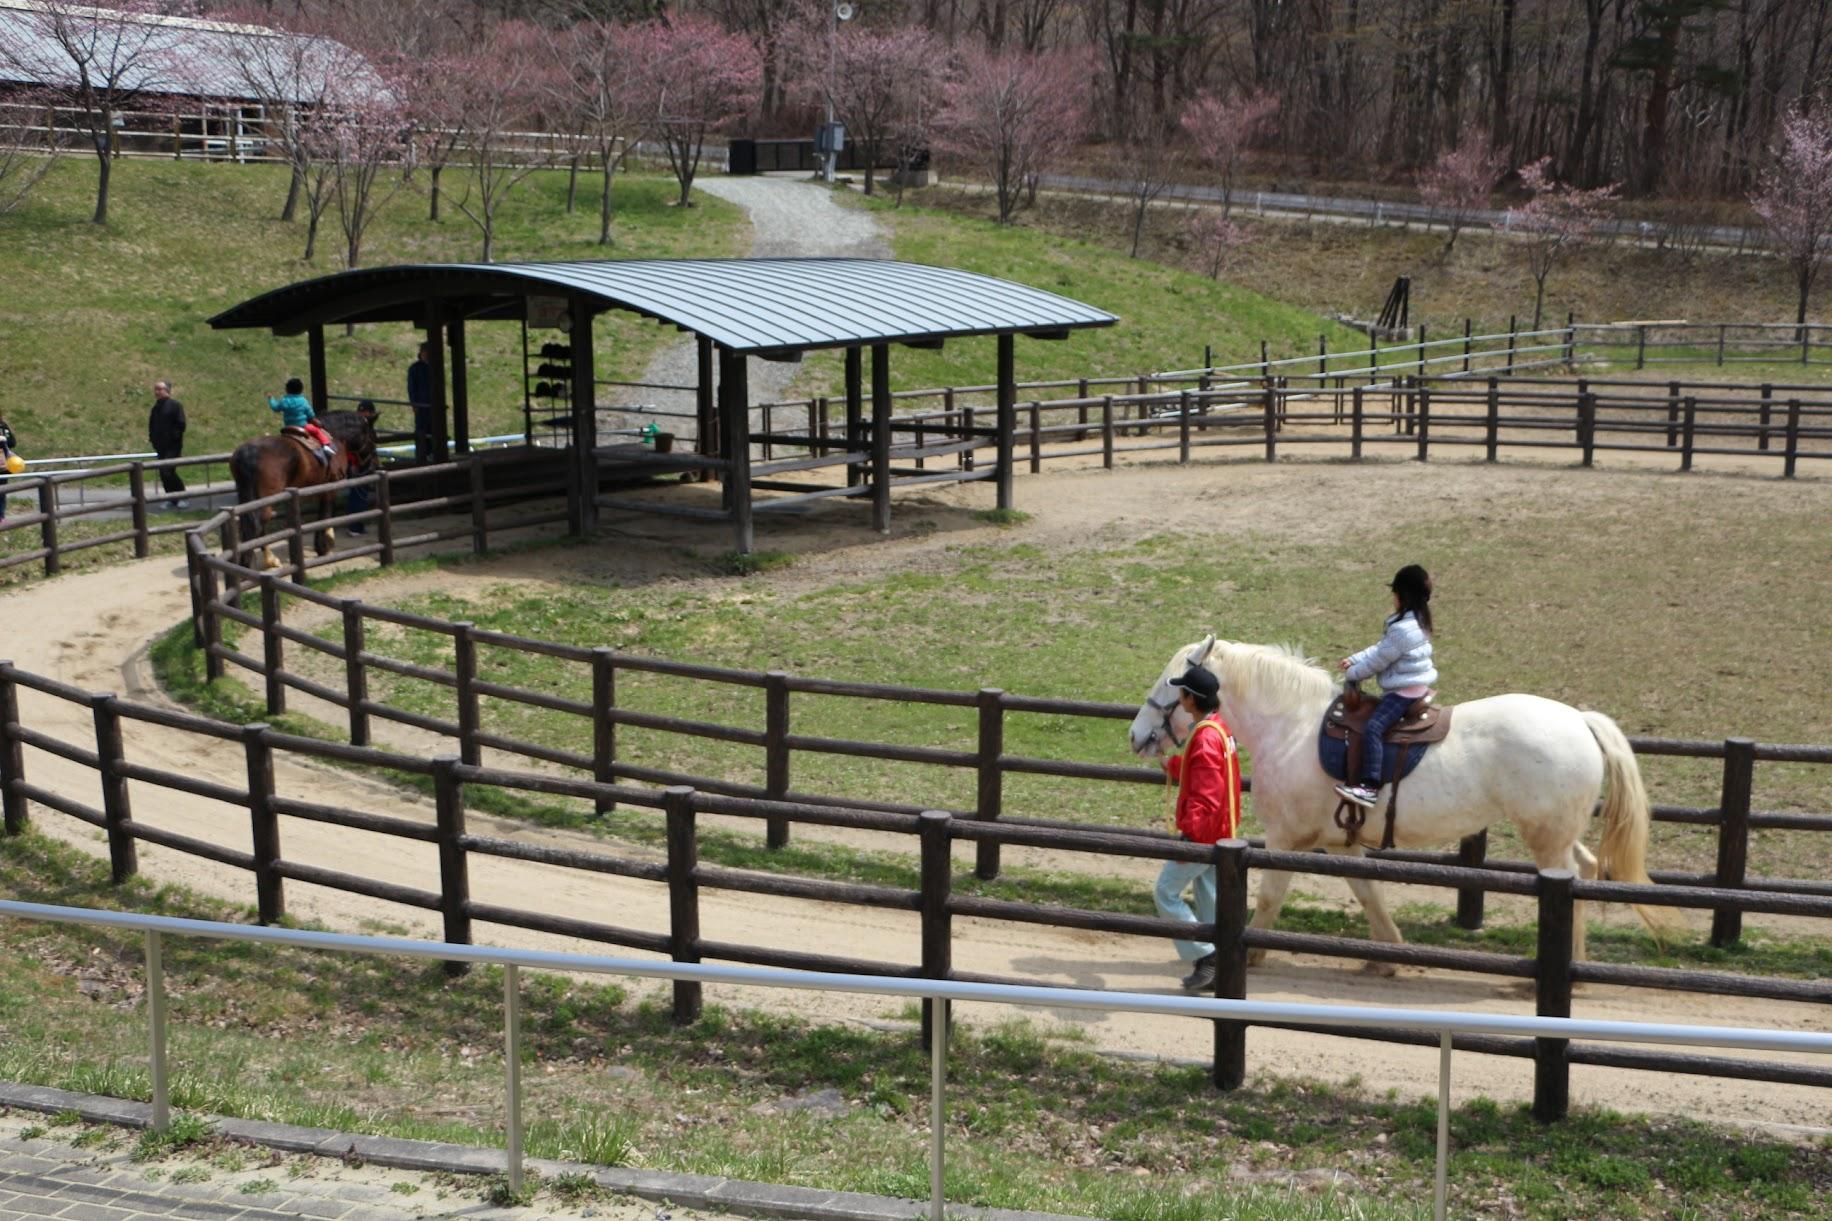 石筵ふれあい牧場 | 郡山のお出かけスポット 動物と子供 乗馬もできる